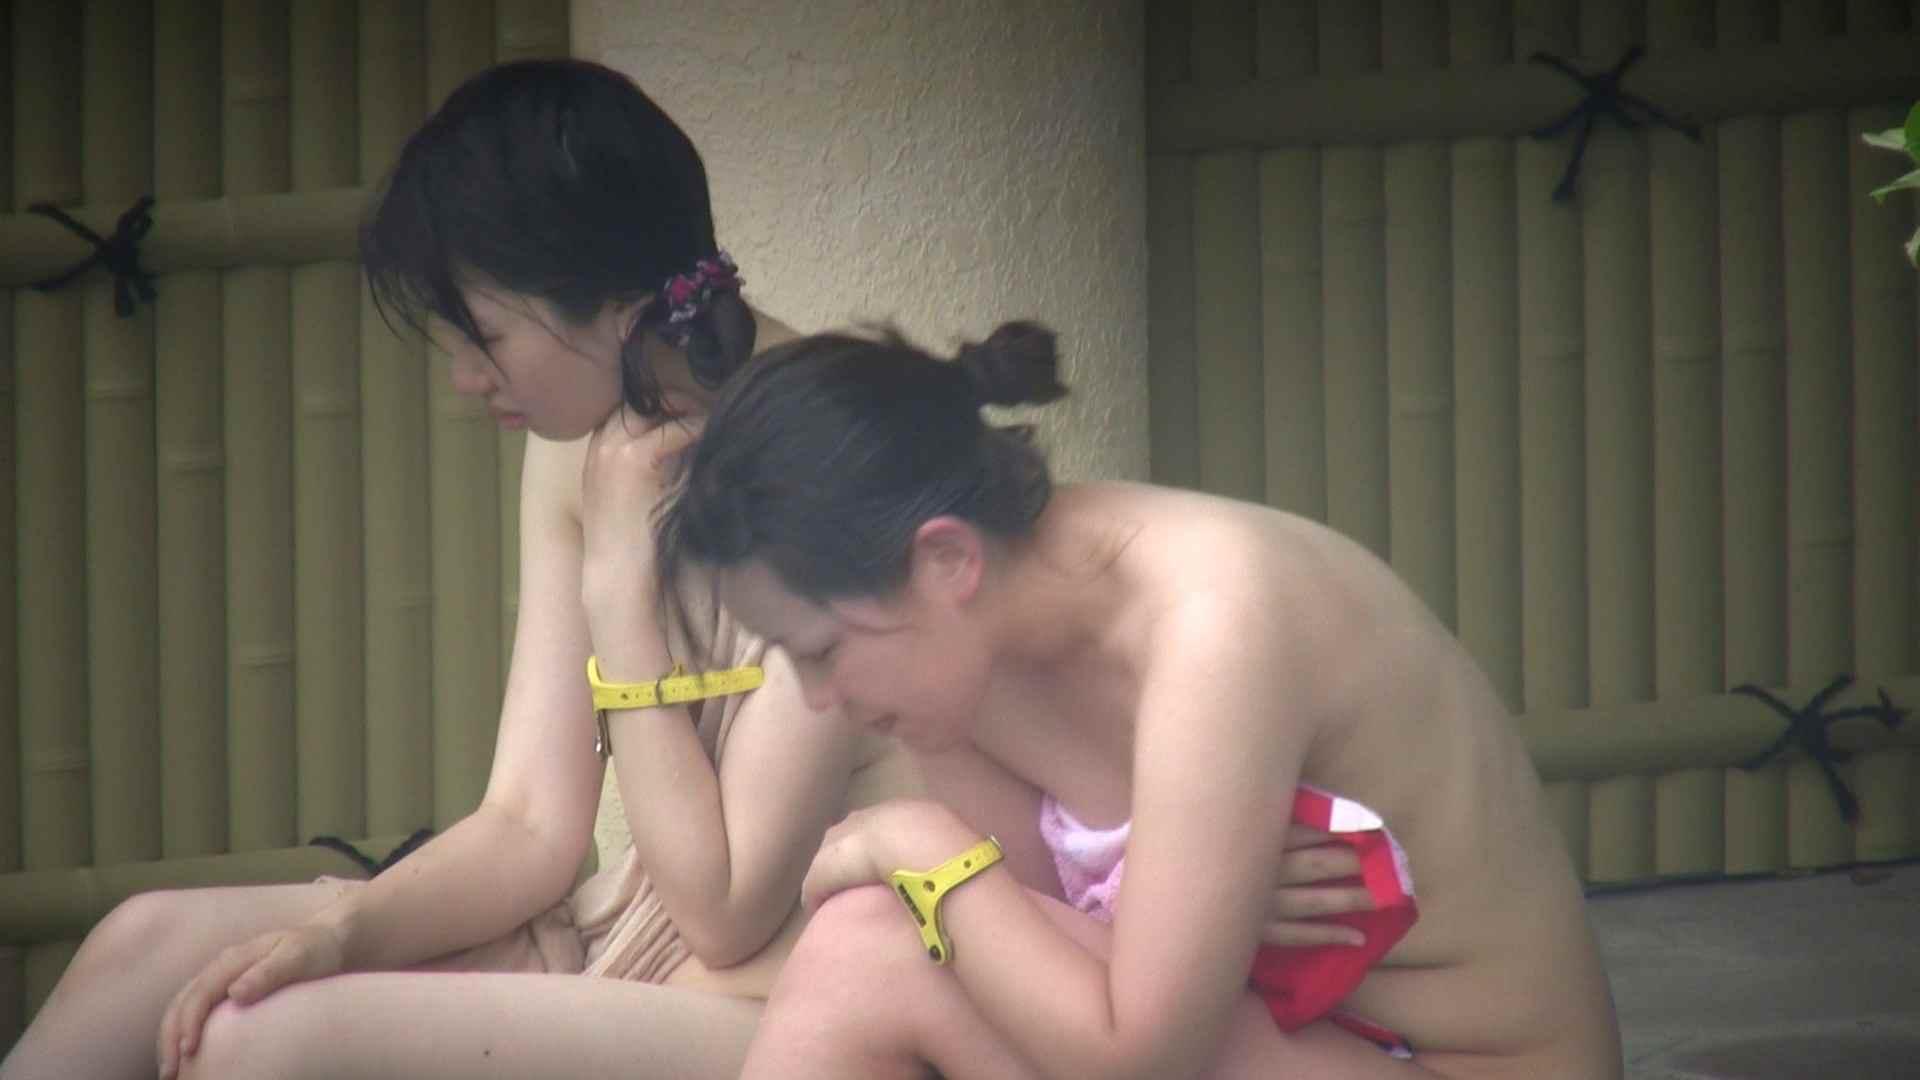 Aquaな露天風呂Vol.128 OLハメ撮り  113Pix 6